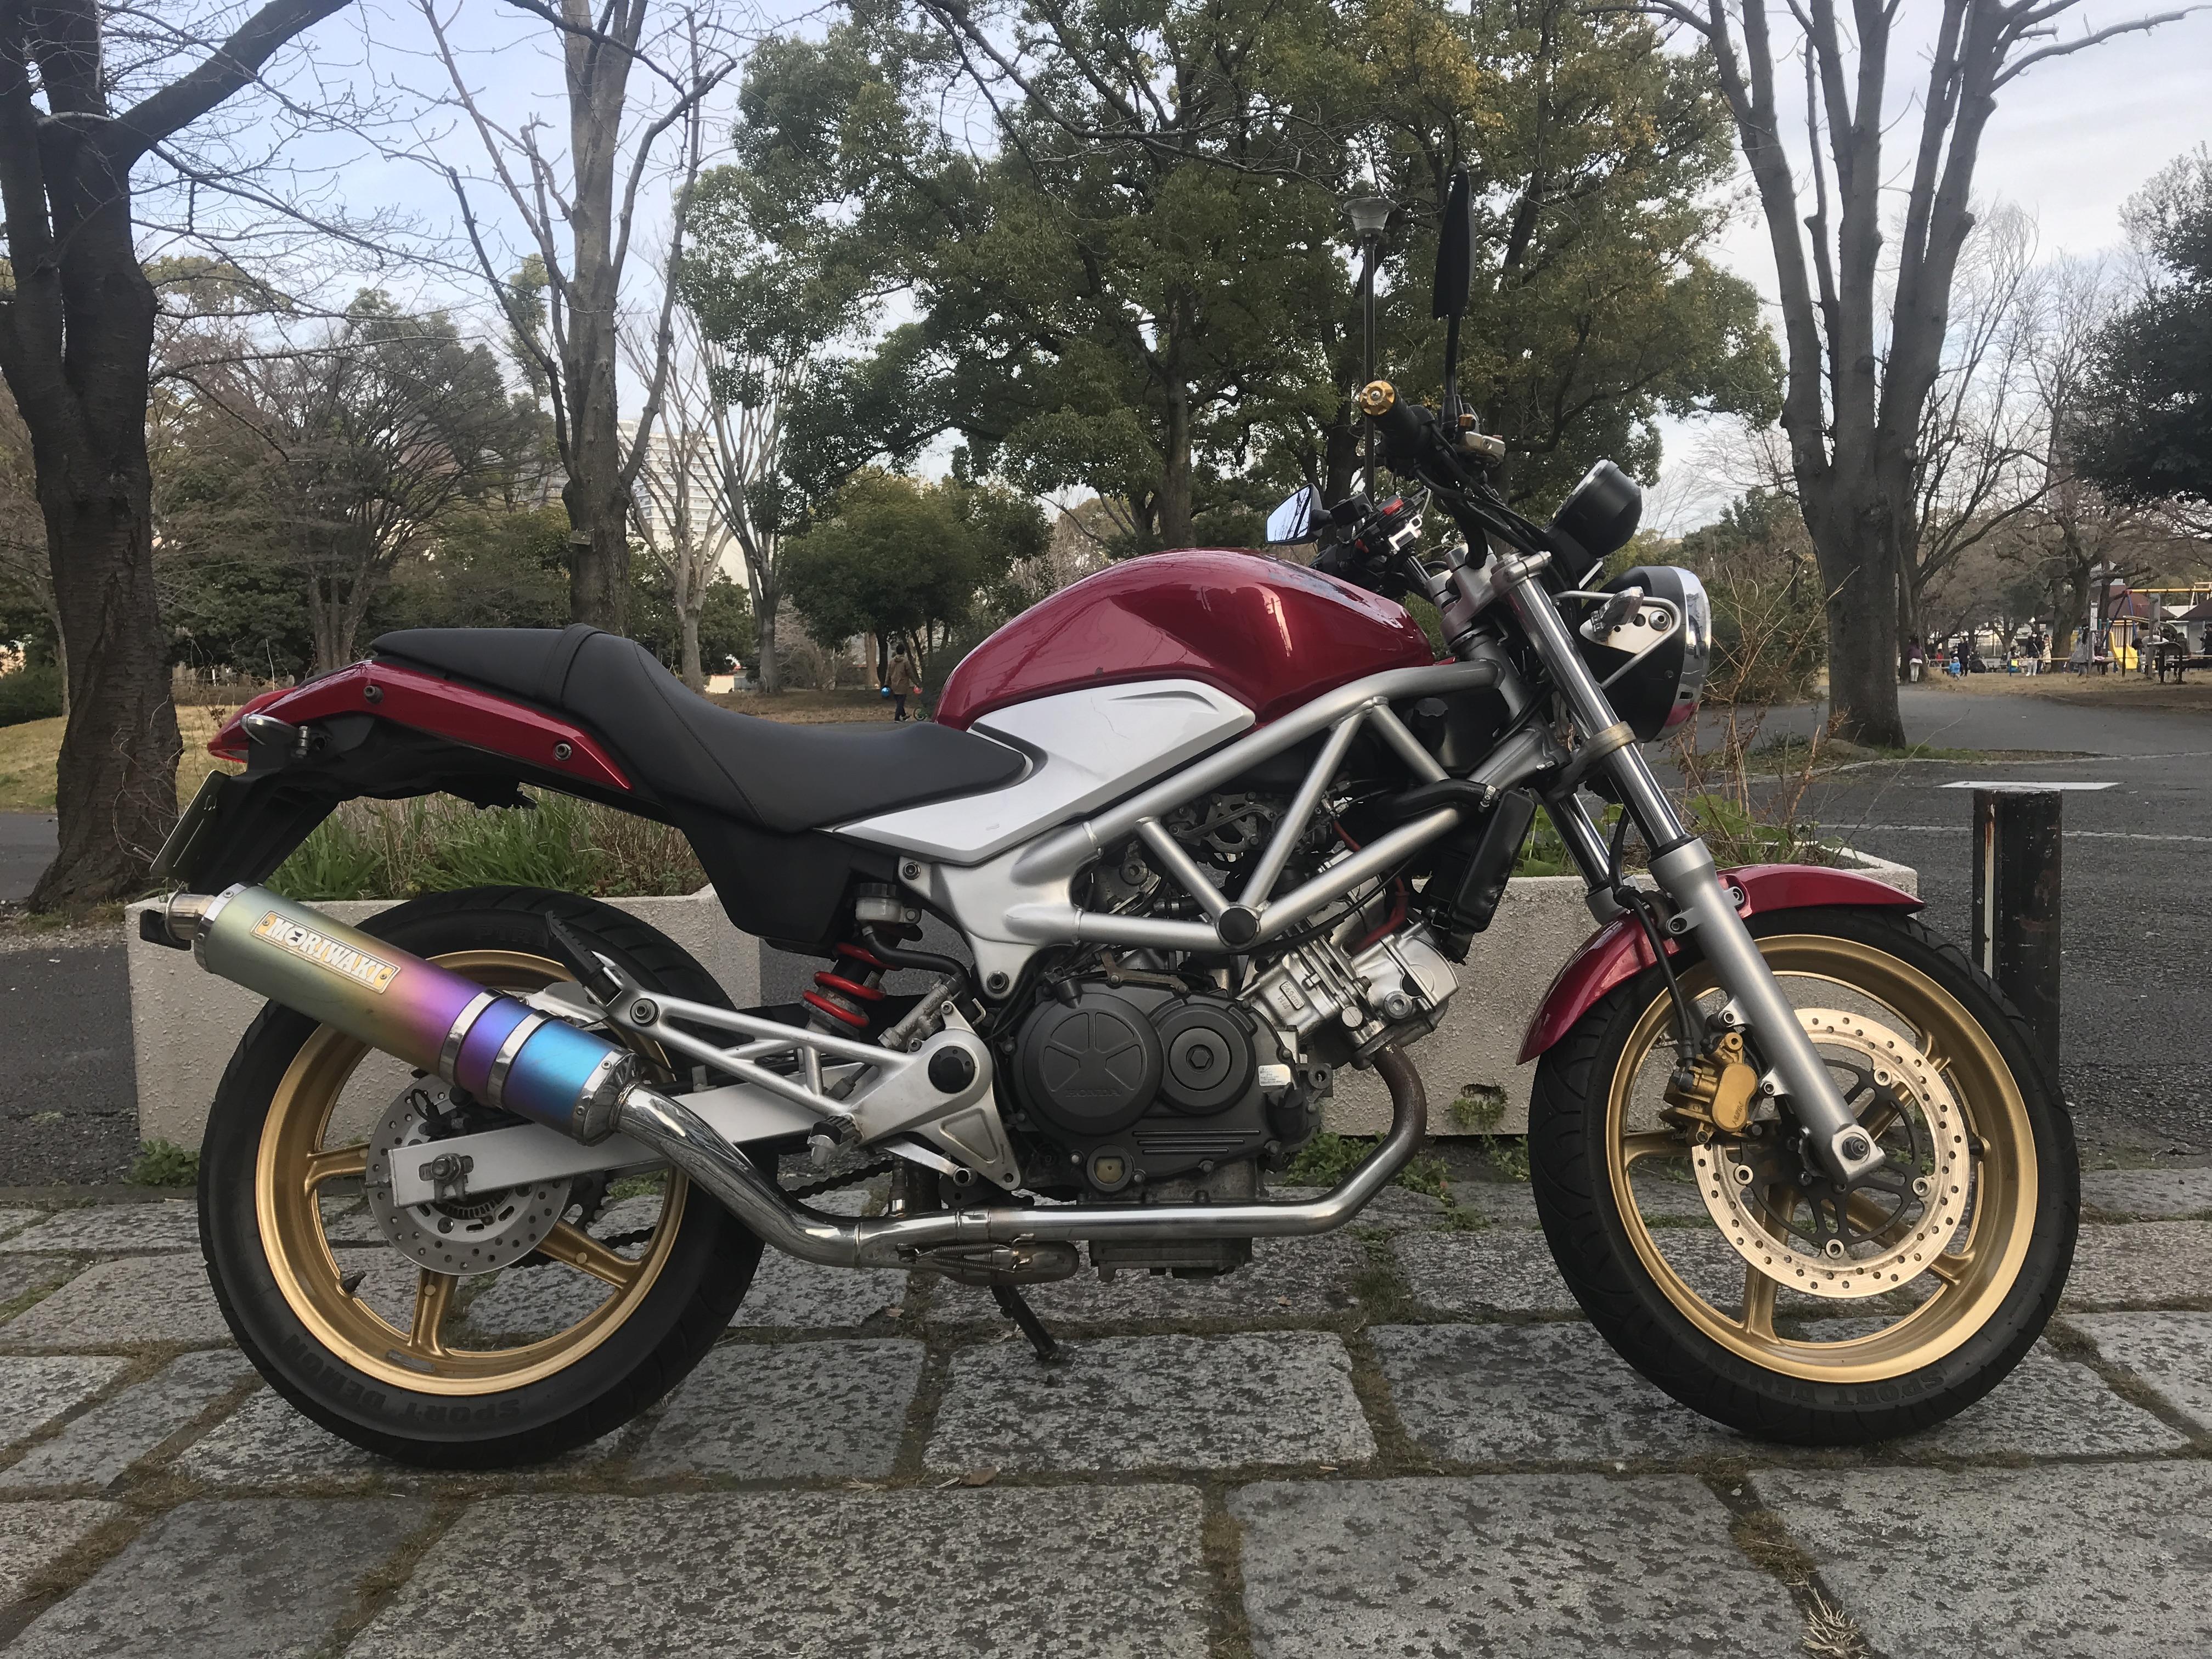 VTR250FI(HN-00) - 【公式】レンタルバイクのベストBike® 藤沢駅前